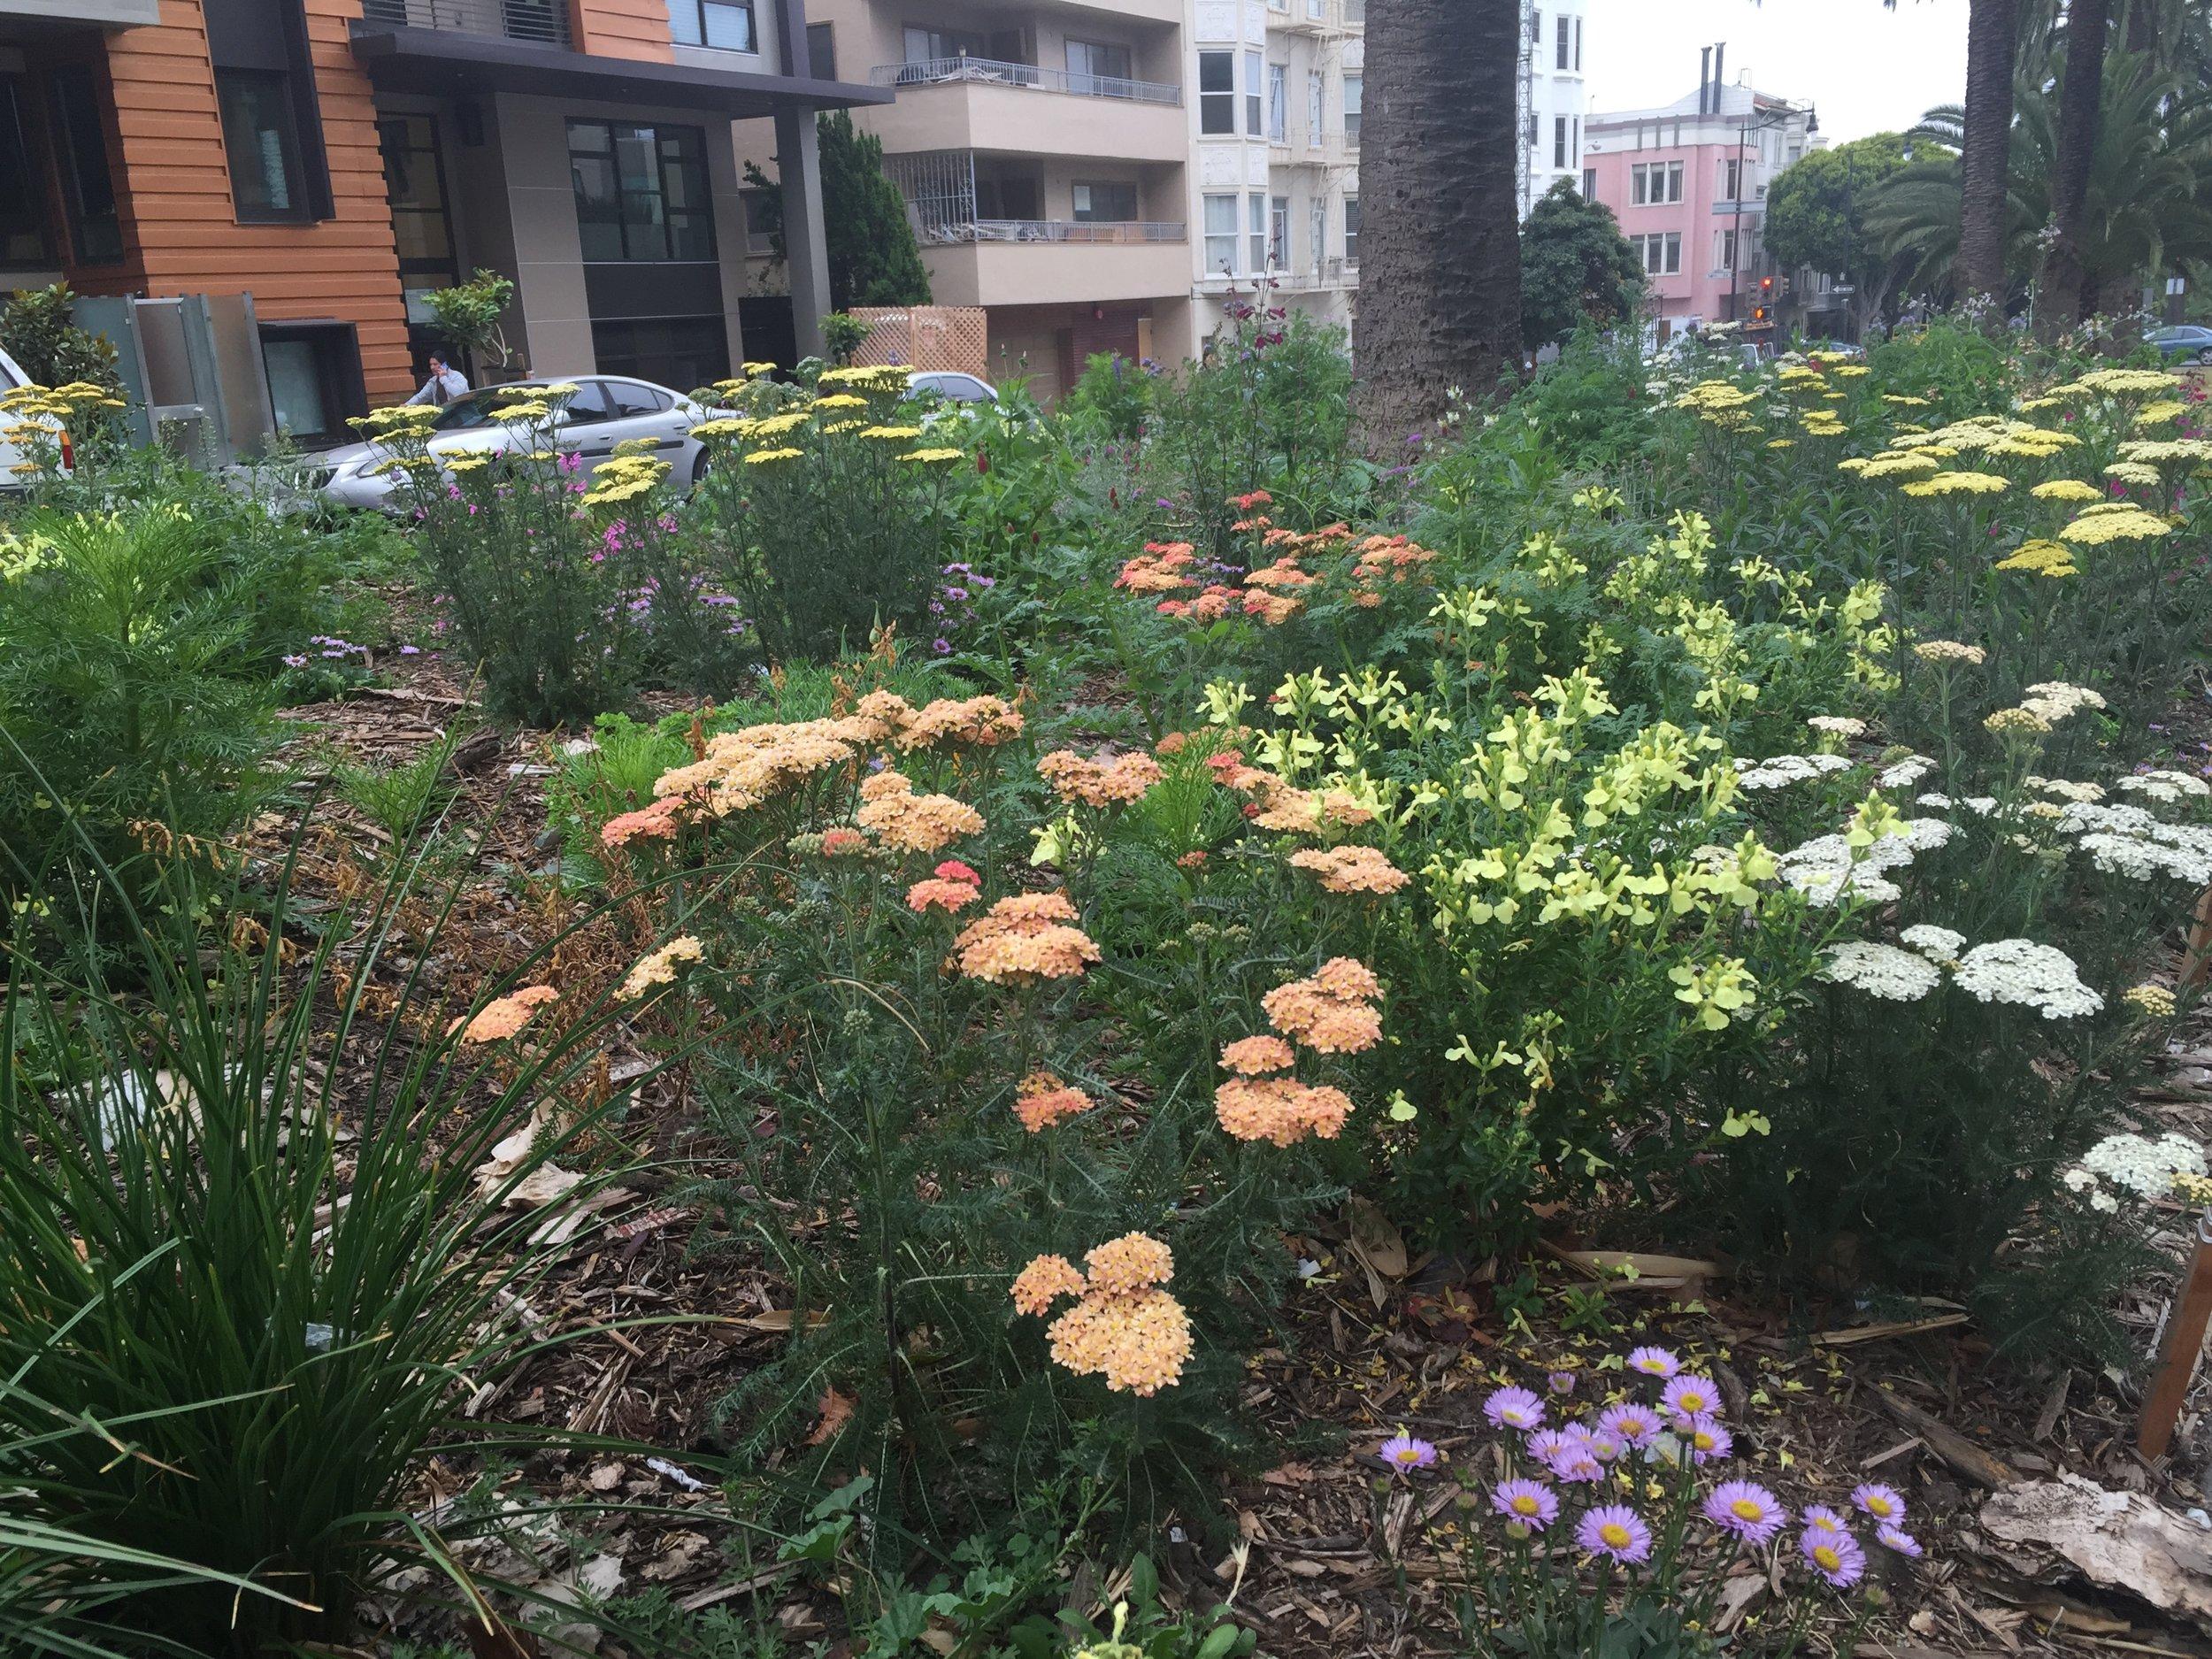 160602 - Garden2.jpg